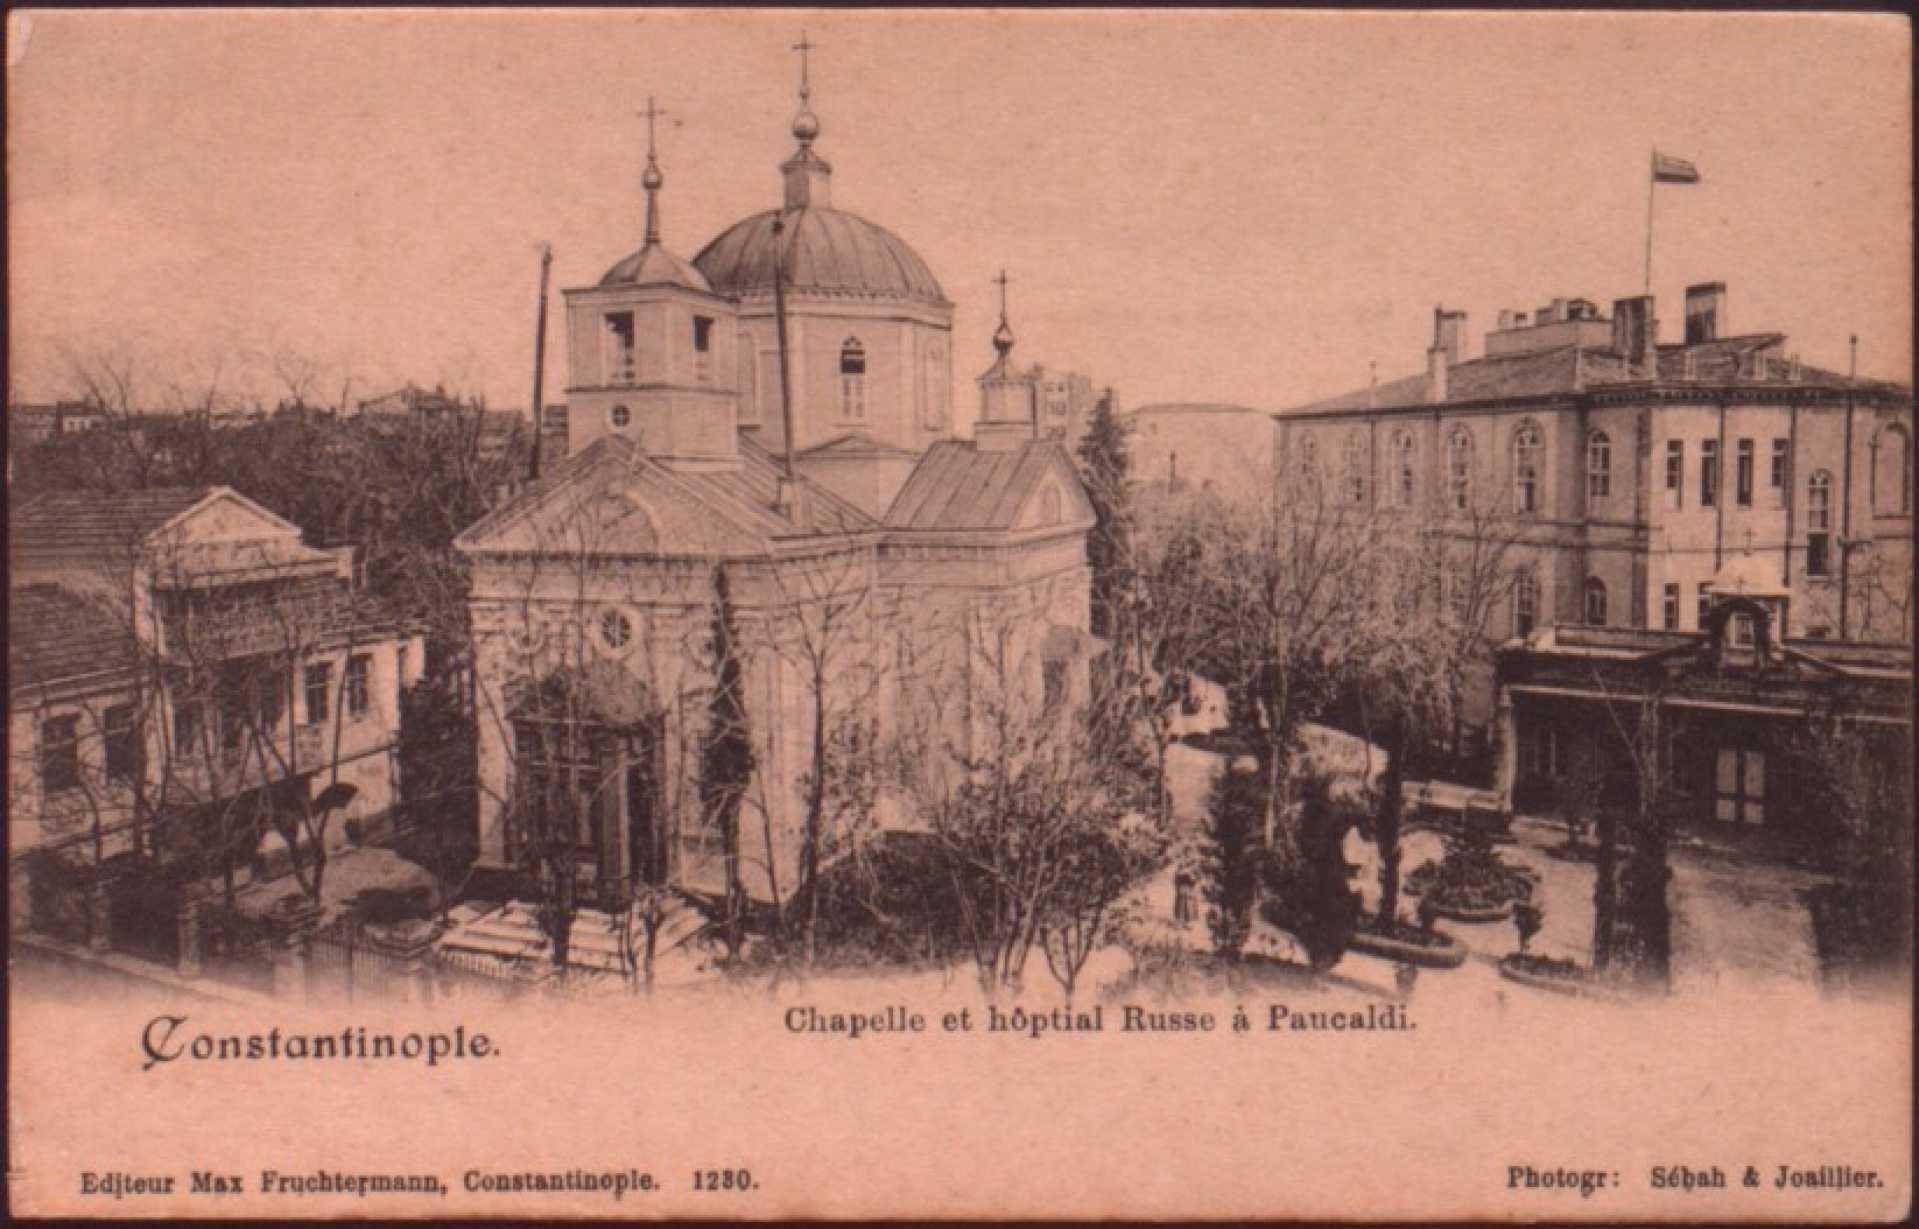 Chapelle et hoptial Russe a Paucaldi